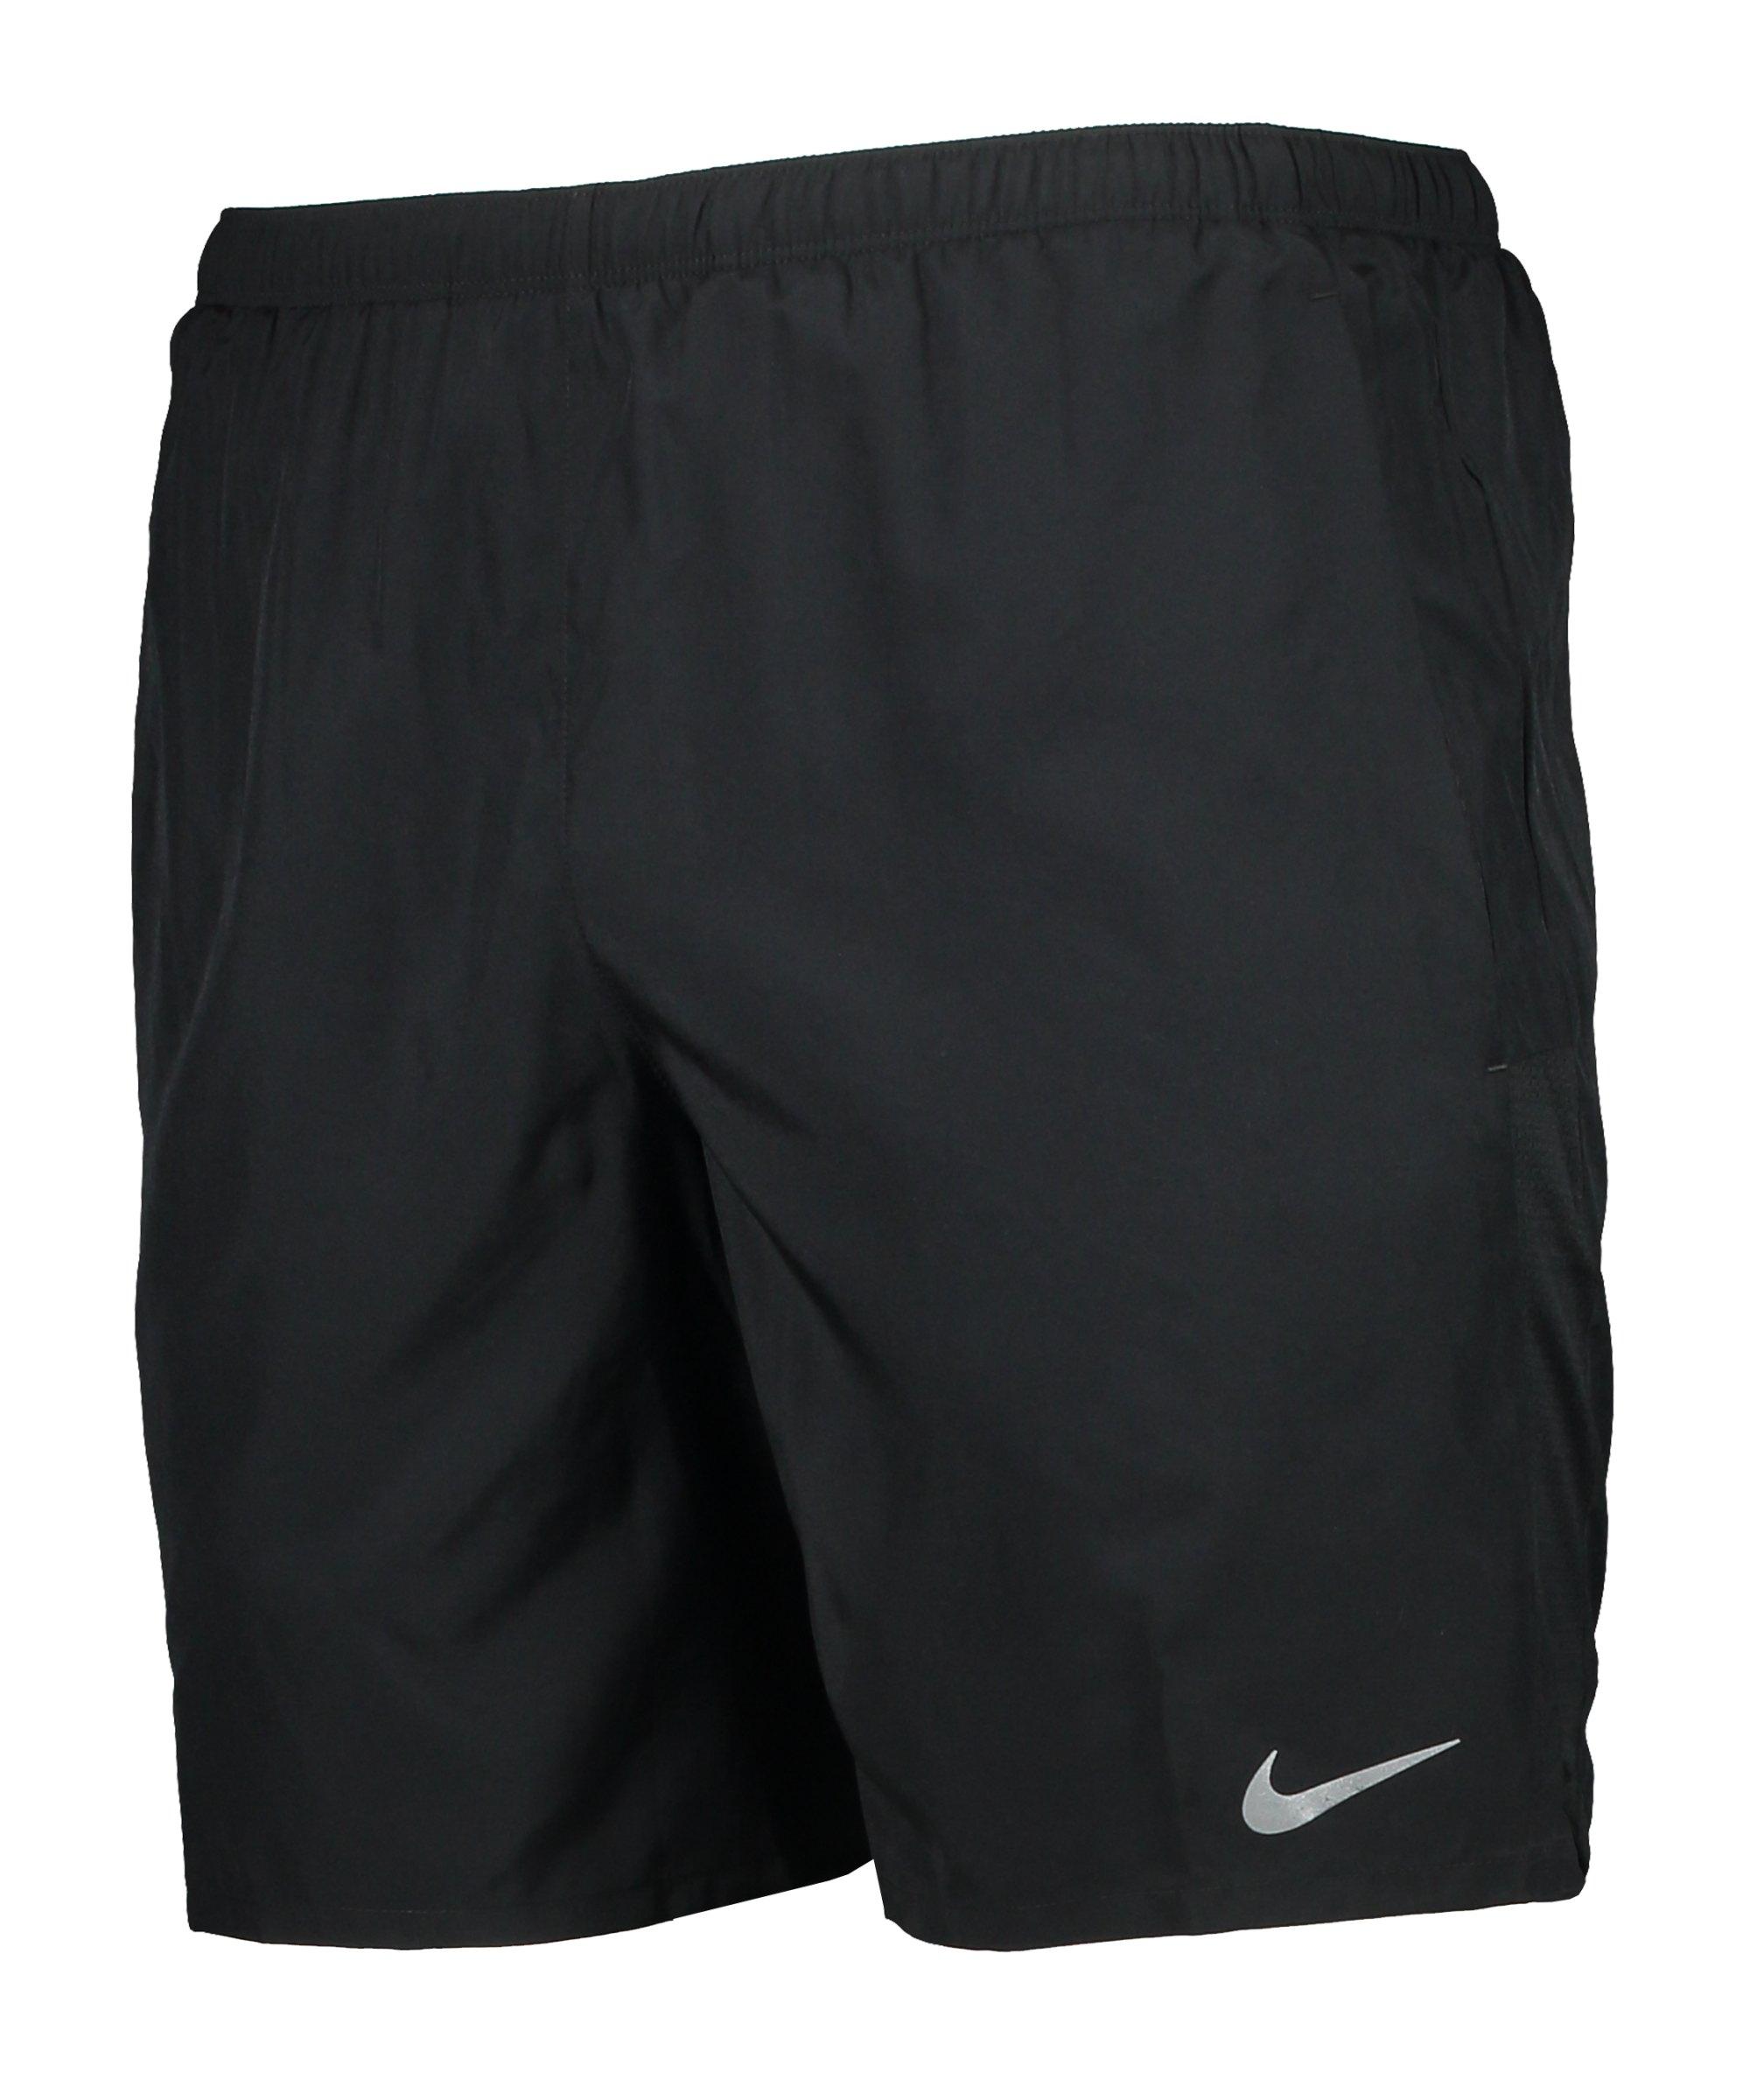 Nike Challenger Brief-Lined2 Short Running F010 - schwarz